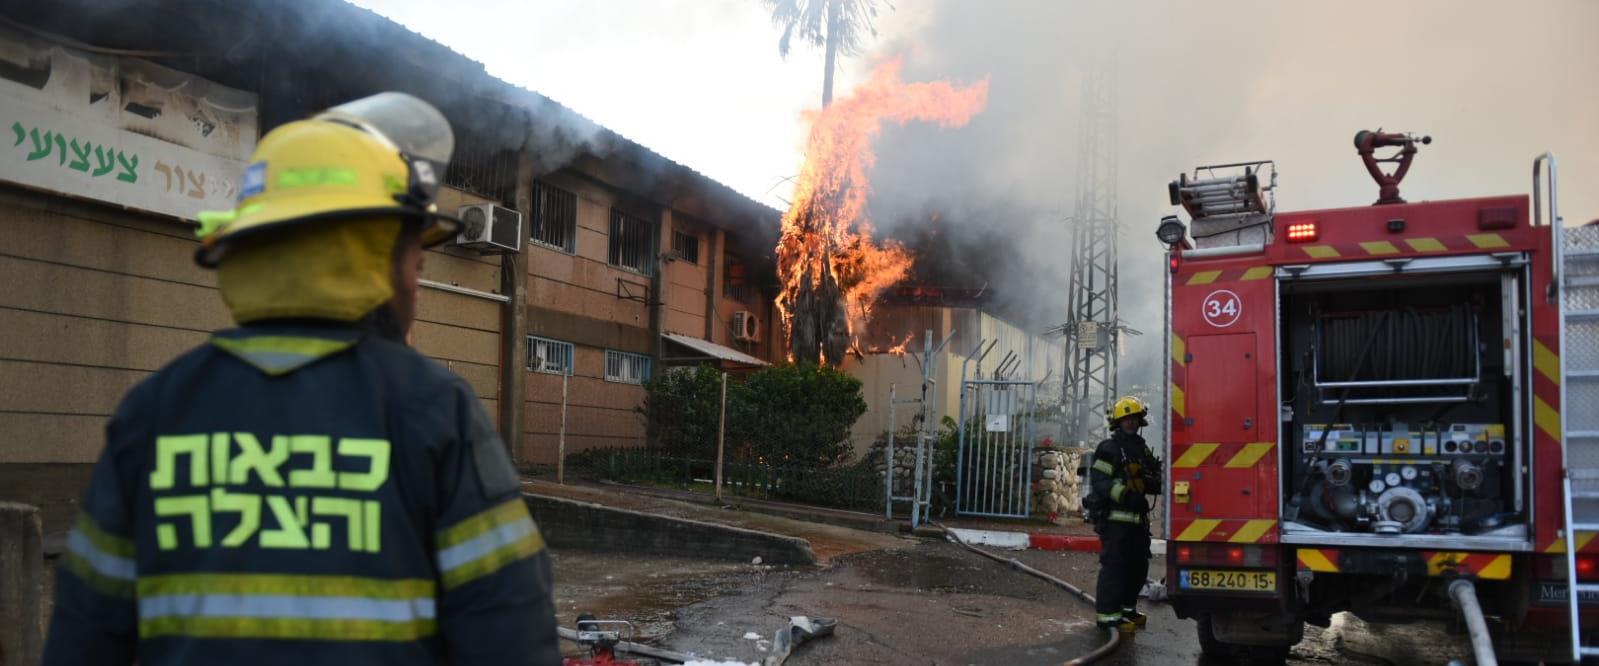 כיבוי הדליקה במפעל בשדרות, היום